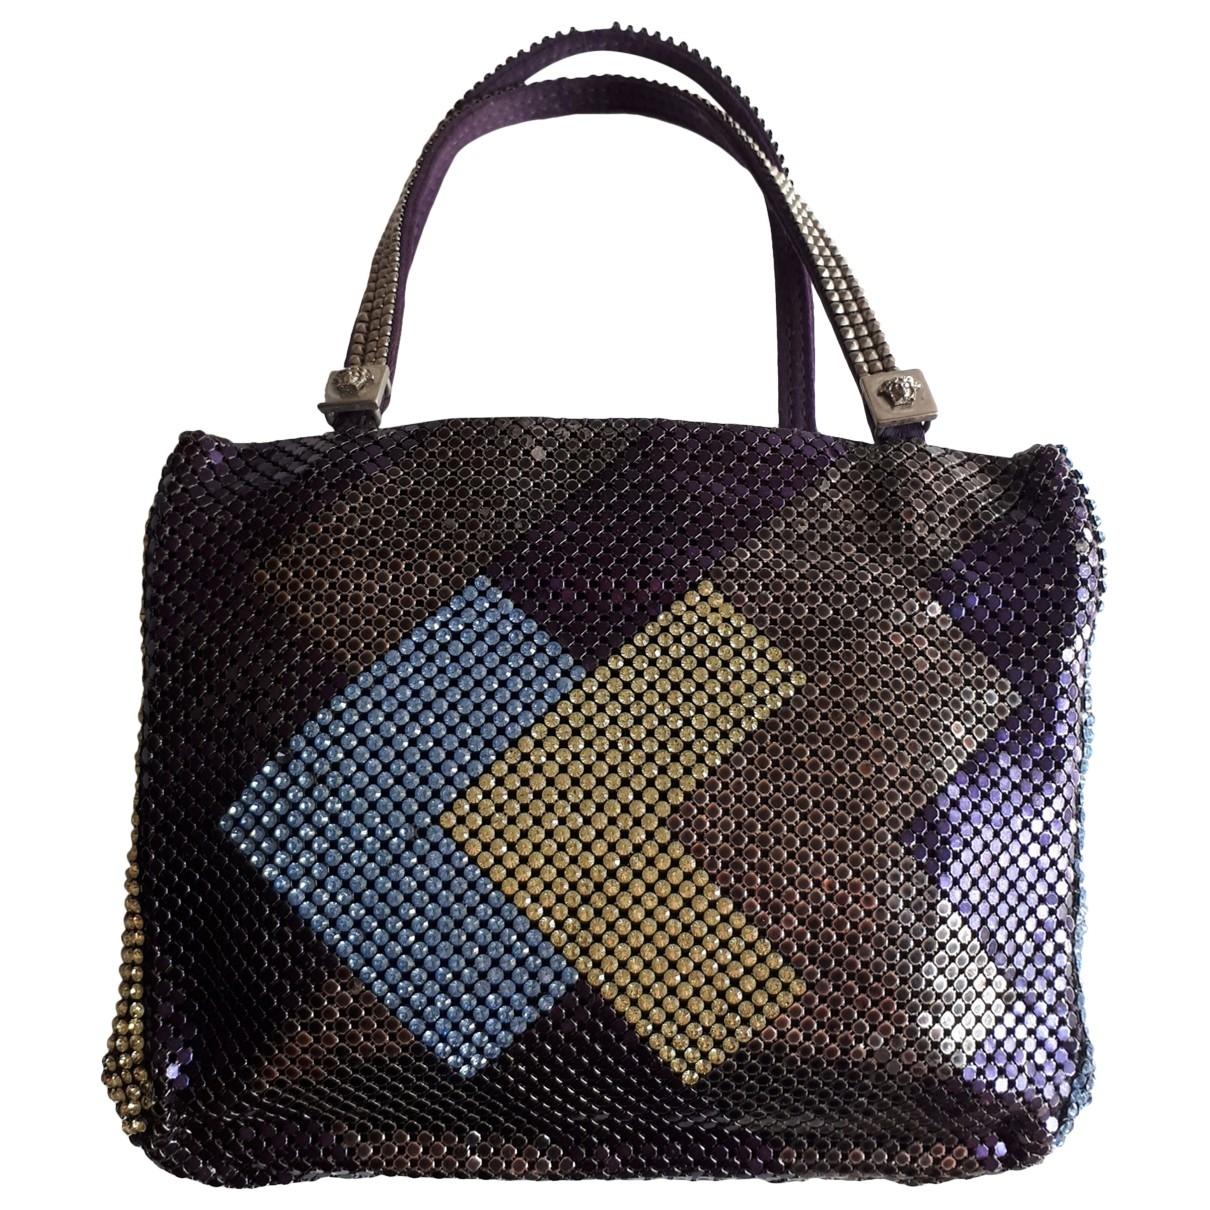 Gianni Versace \N Handtasche in  Bunt Metall